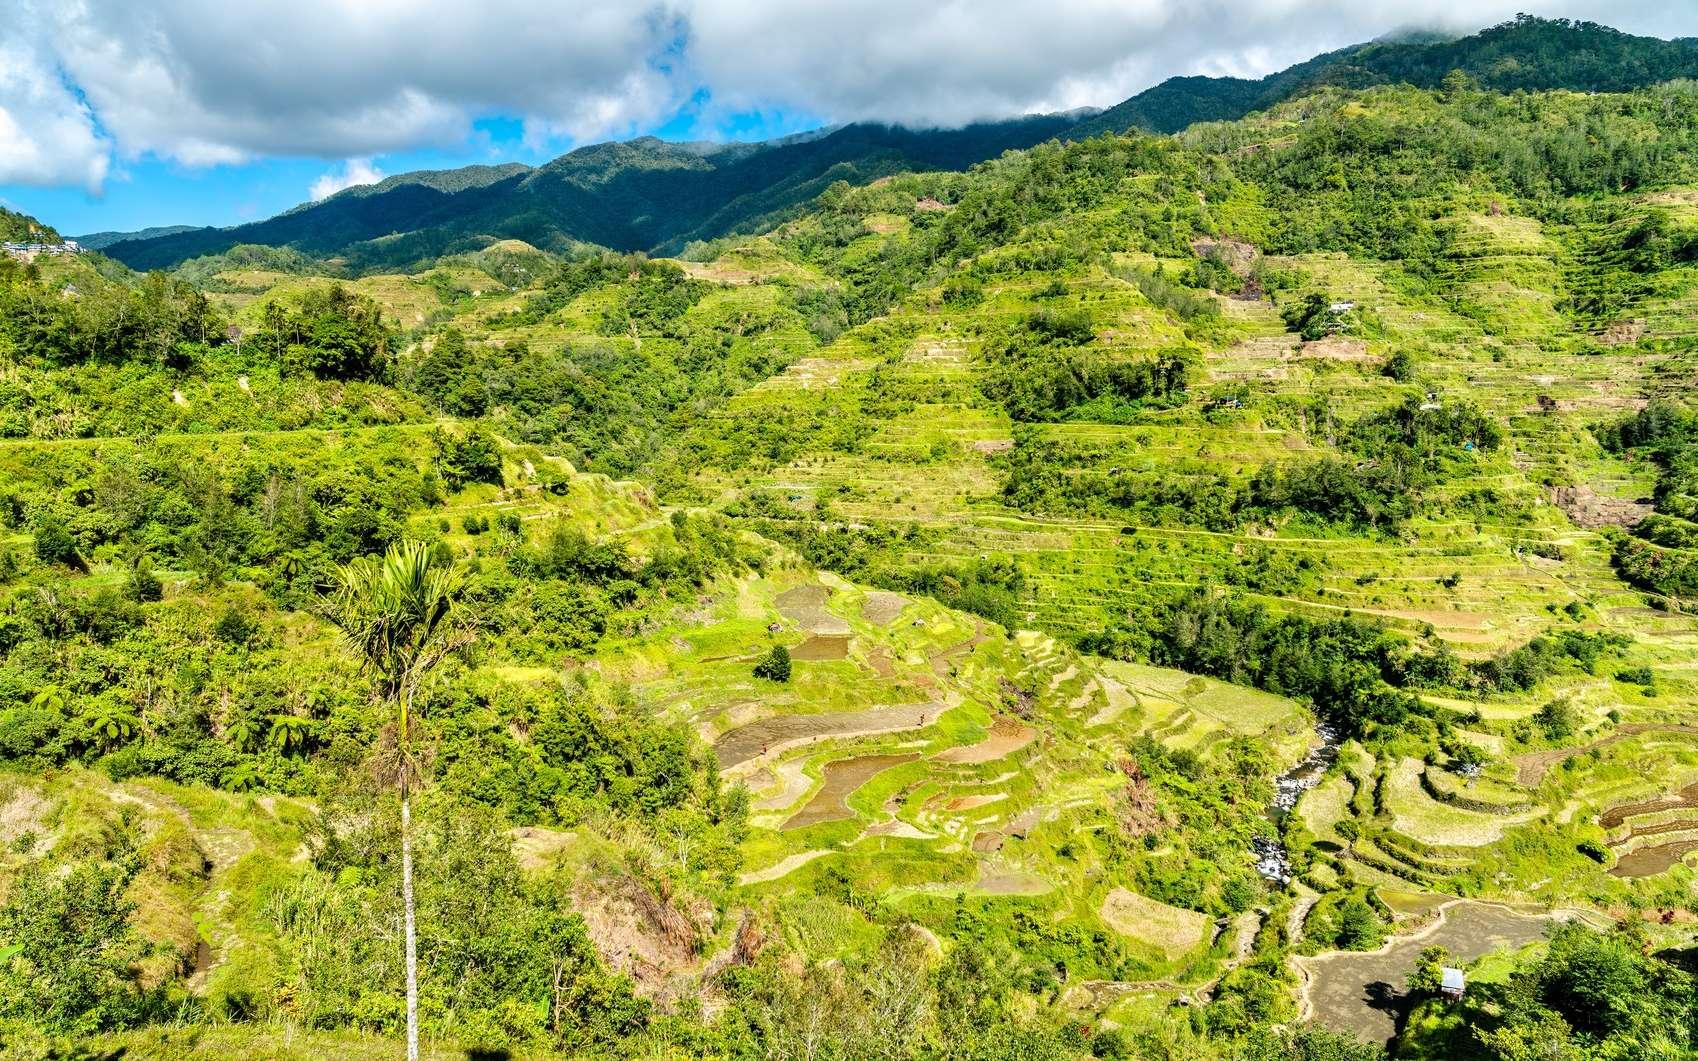 La découverte a eu lieu sur l'île de Luçon aux Philippines. © Leonid Andronov, Fotolia